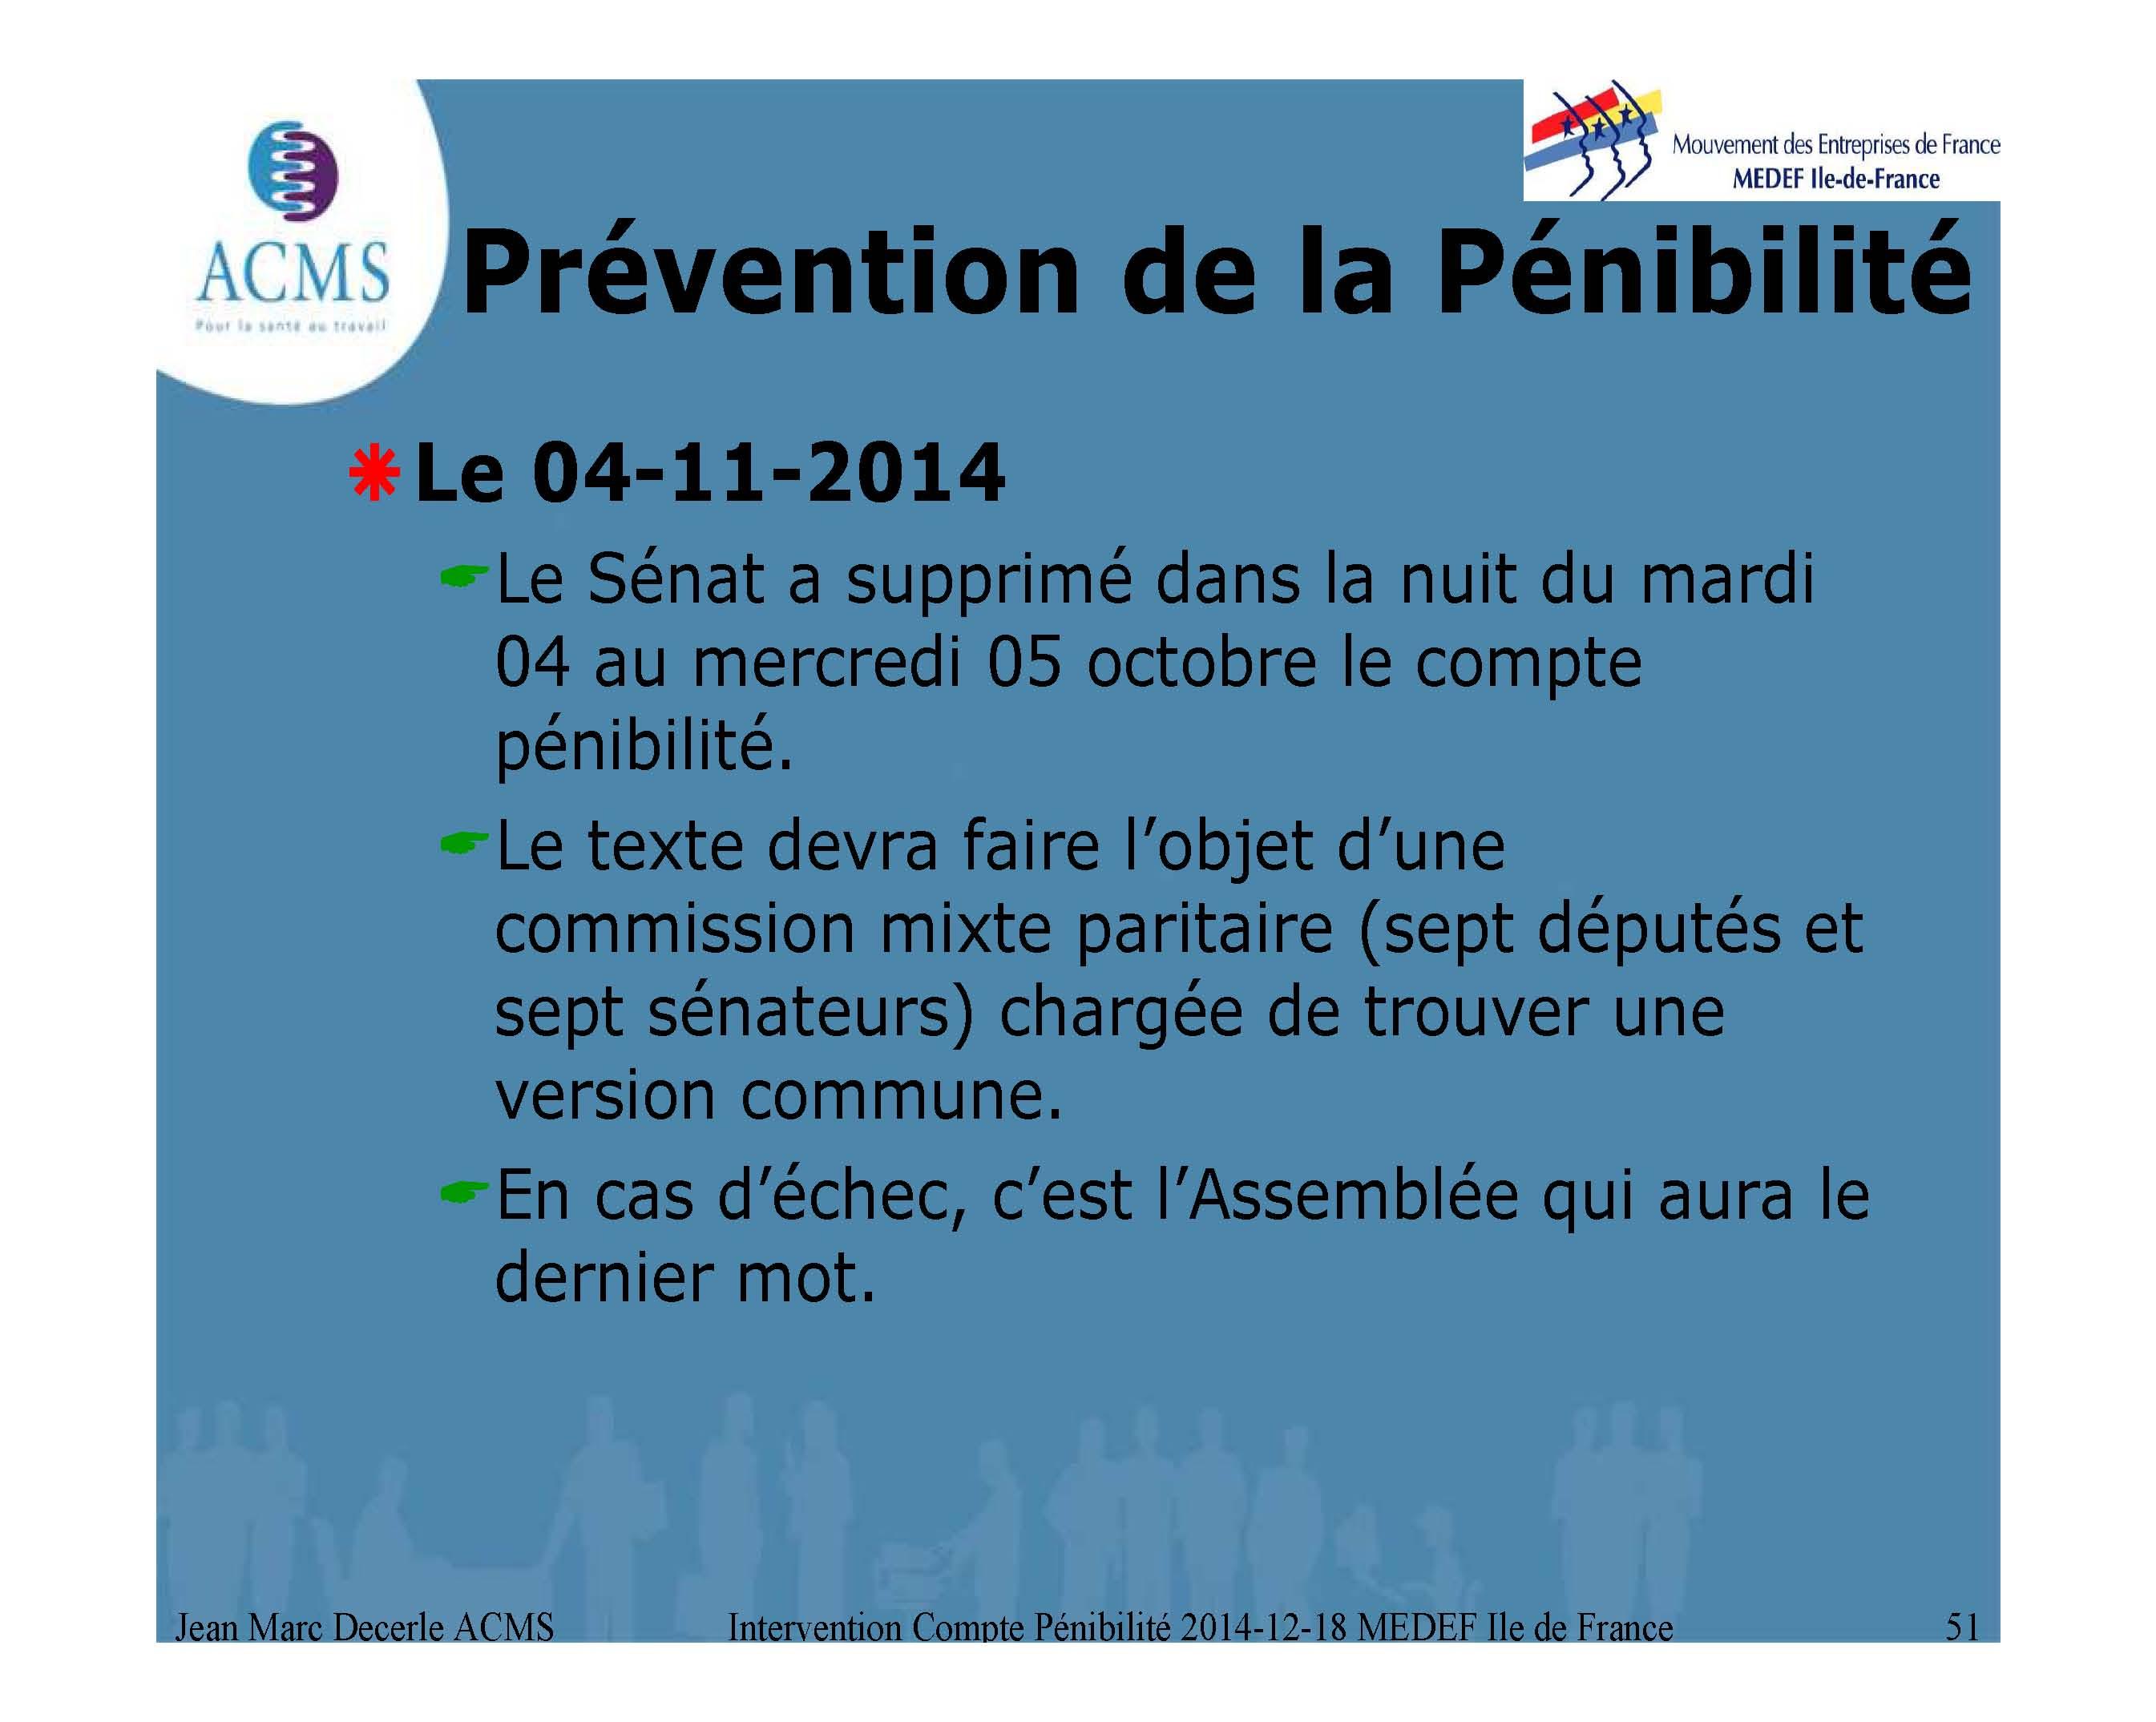 2014-12-18 Compte Pénibilite MEDEF Ile de France_Page_51